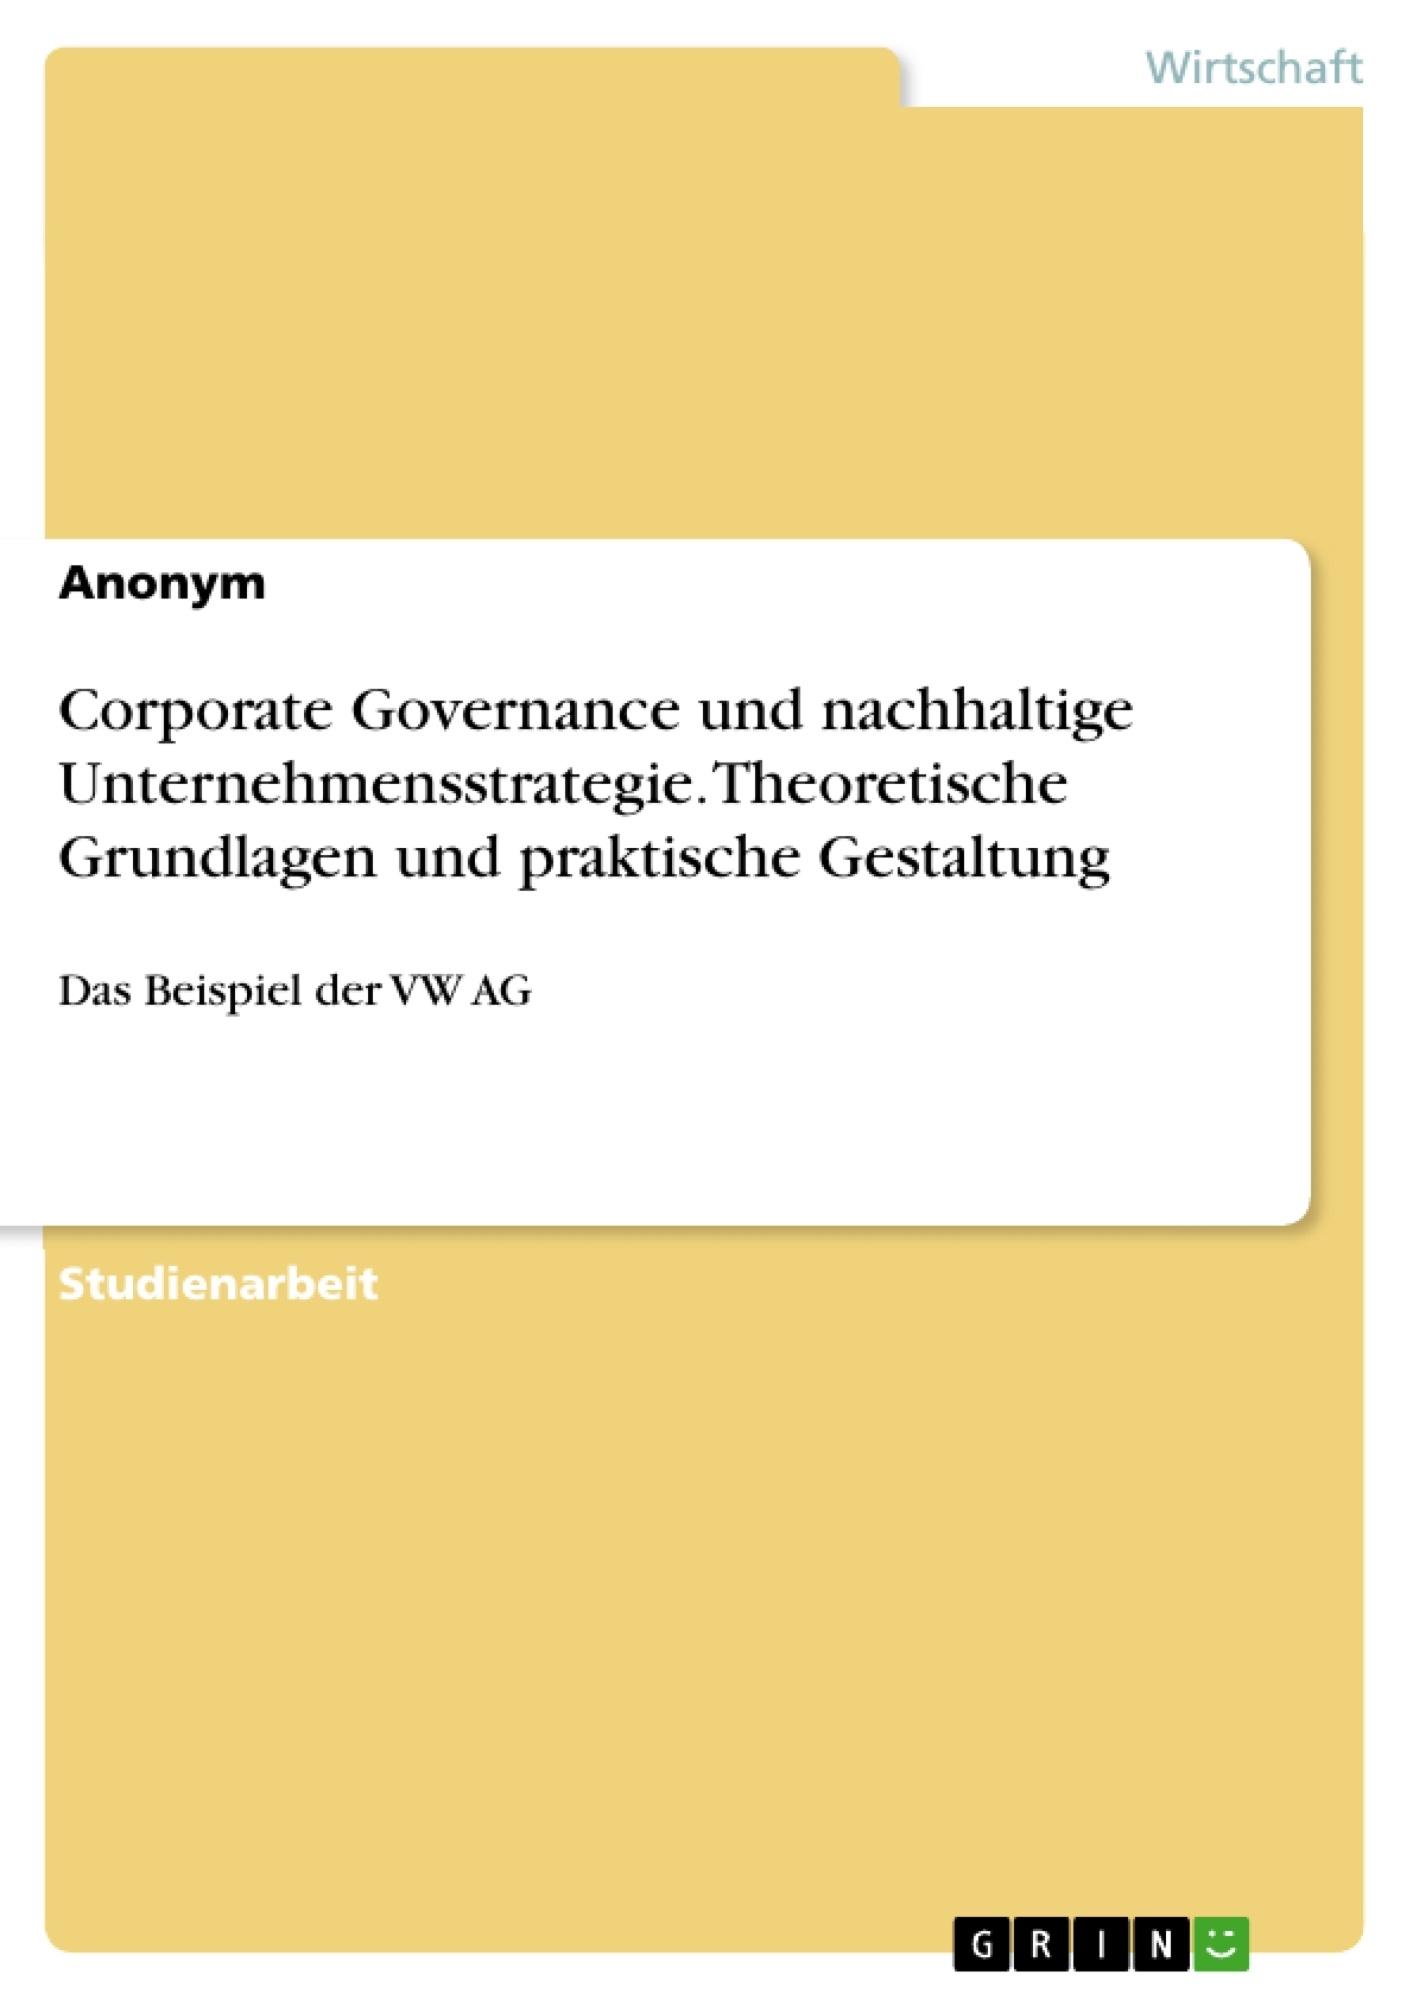 Titel: Corporate Governance und nachhaltige Unternehmensstrategie. Theoretische Grundlagen und praktische Gestaltung